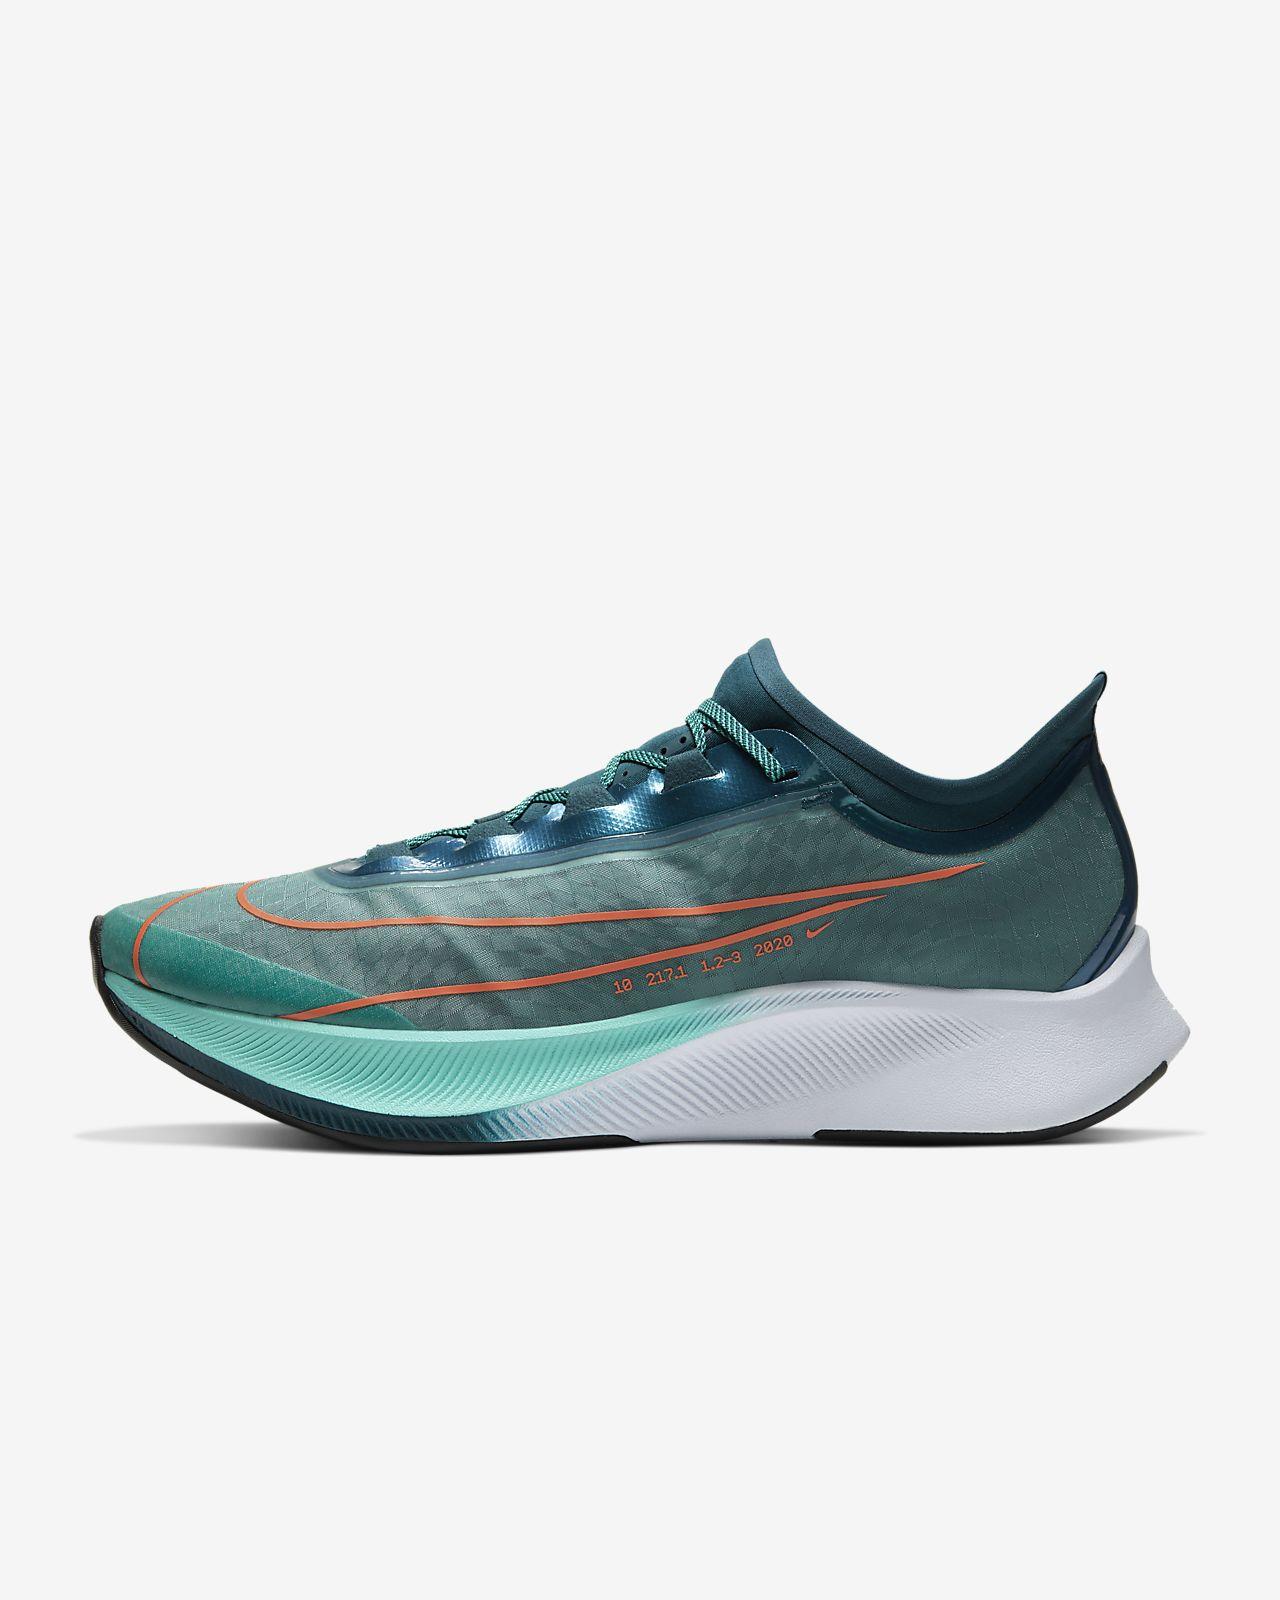 Nike Zoom Fly 3 Premium løbesko til mænd